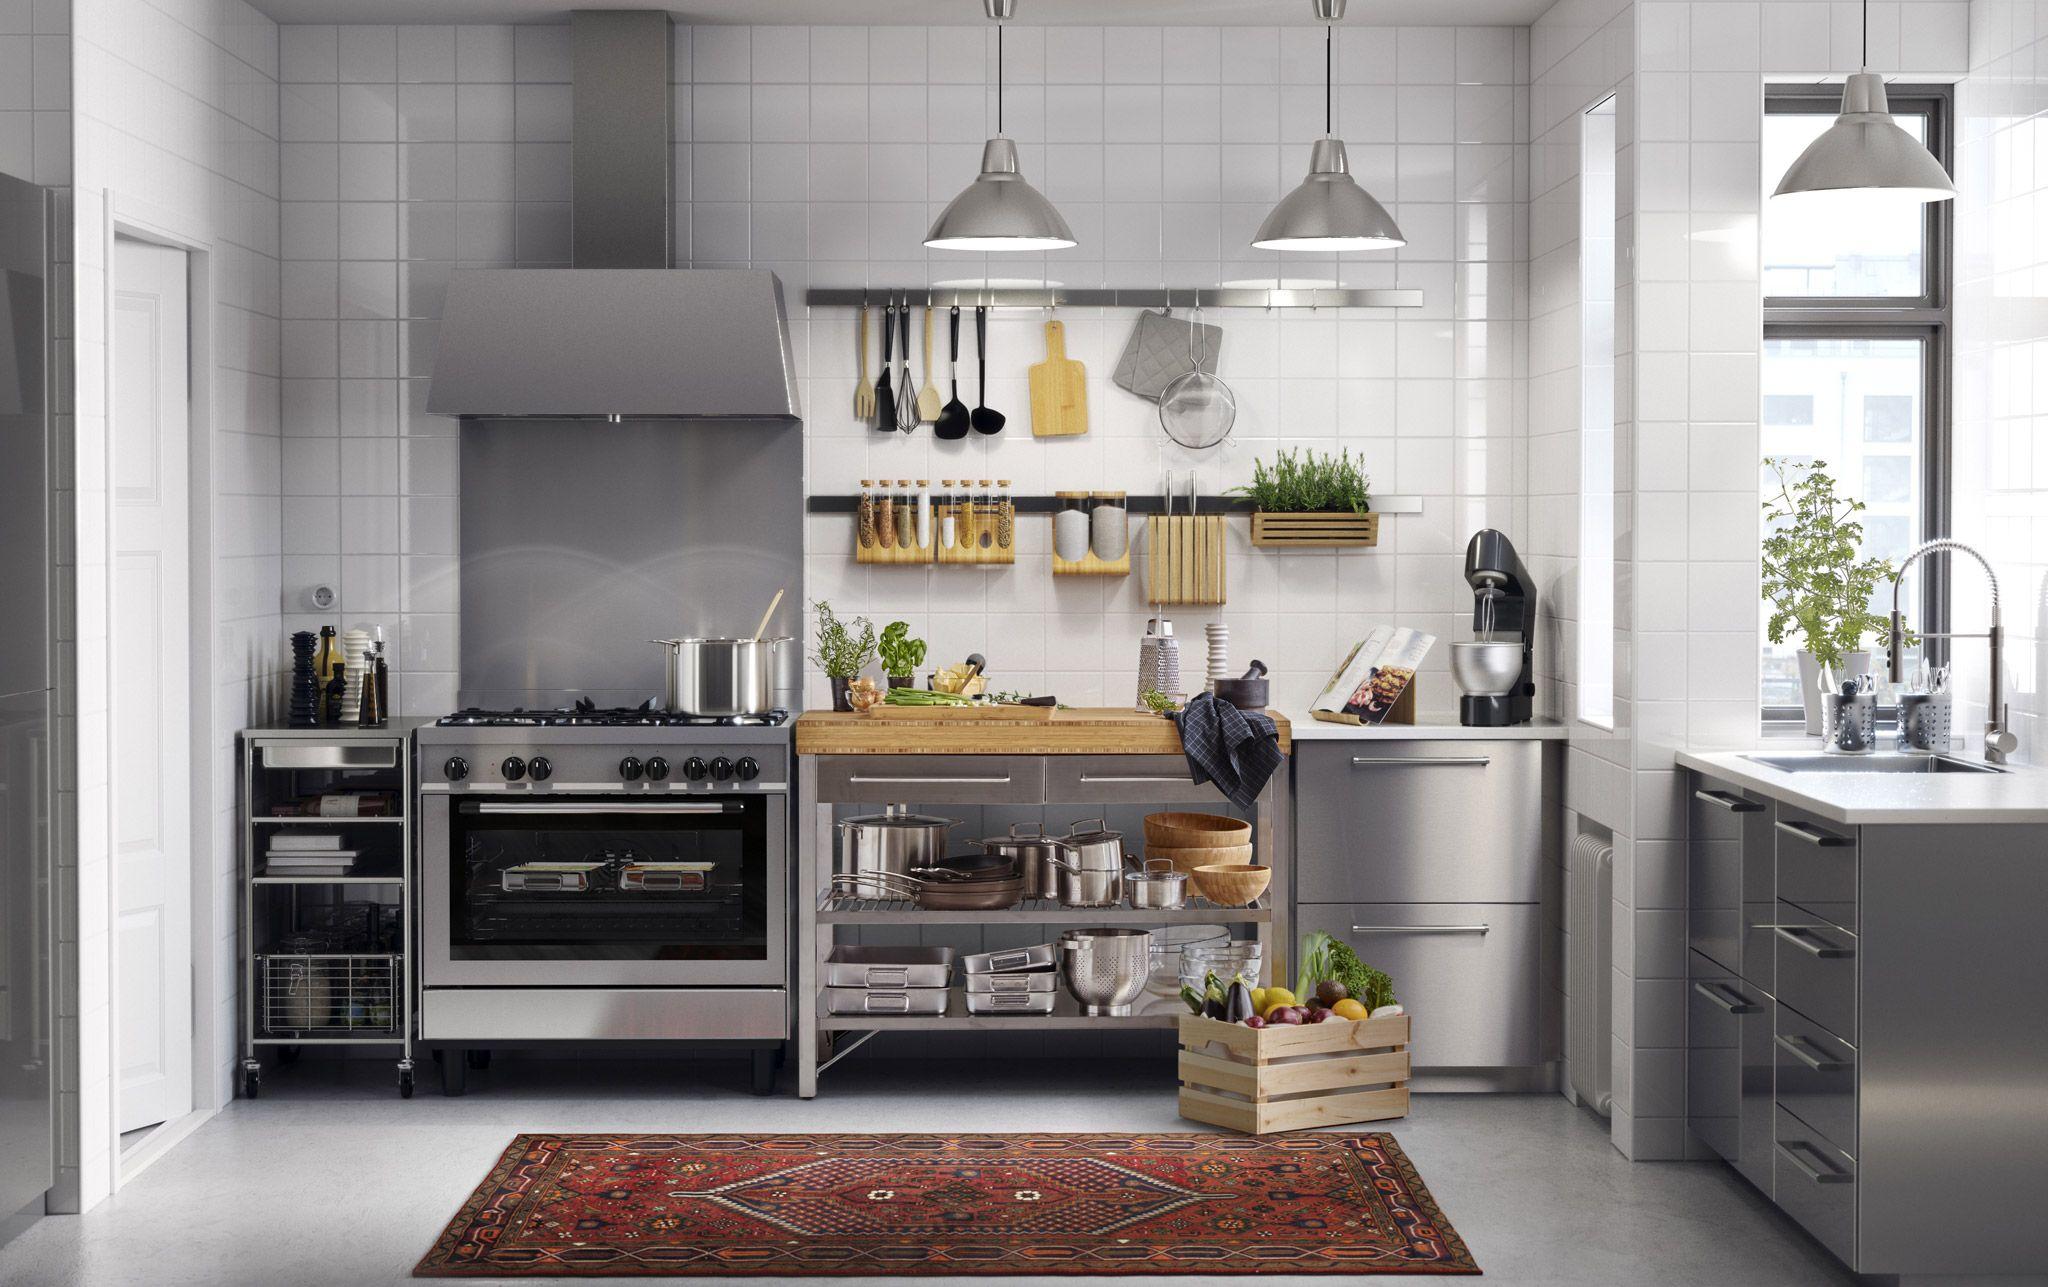 Full Size of Attraktive Kche Aus Edelstahl Nach Ihren Persnlichen Küche Kaufen Ikea Modulküche Edelstahlküche Sofa Mit Schlaffunktion Gebraucht Betten Bei 160x200 Kosten Wohnzimmer Ikea Edelstahlküche